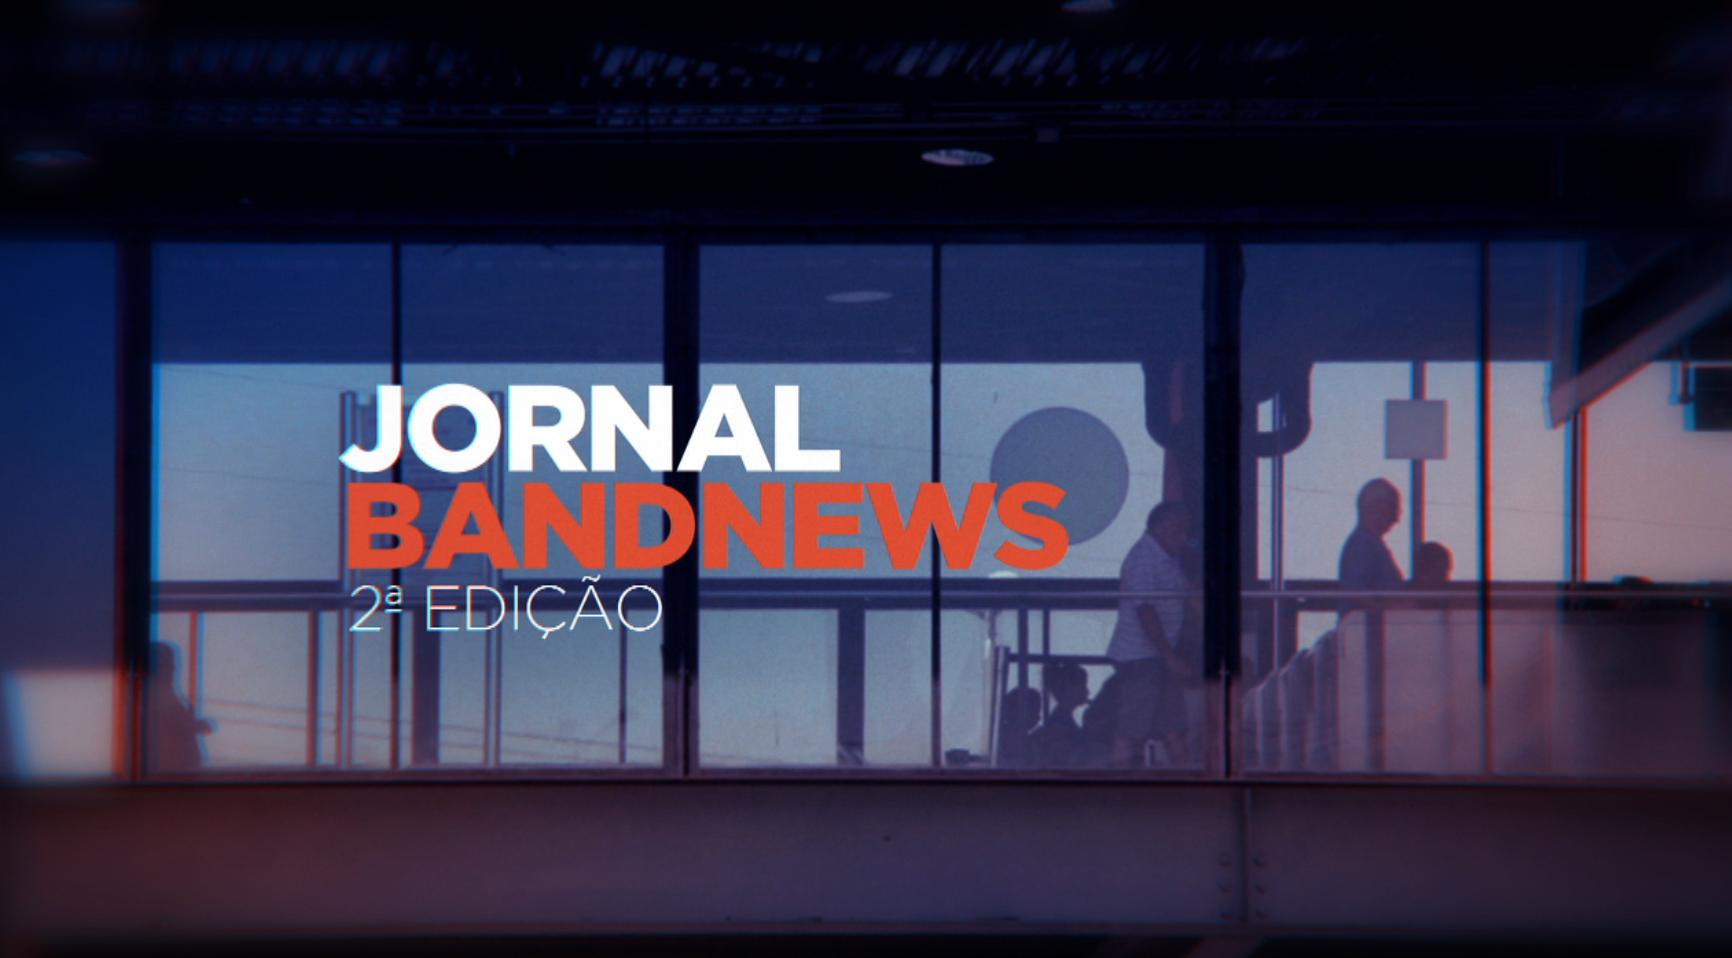 JORNAL BANDNEWS 2ª EDIÇÃO